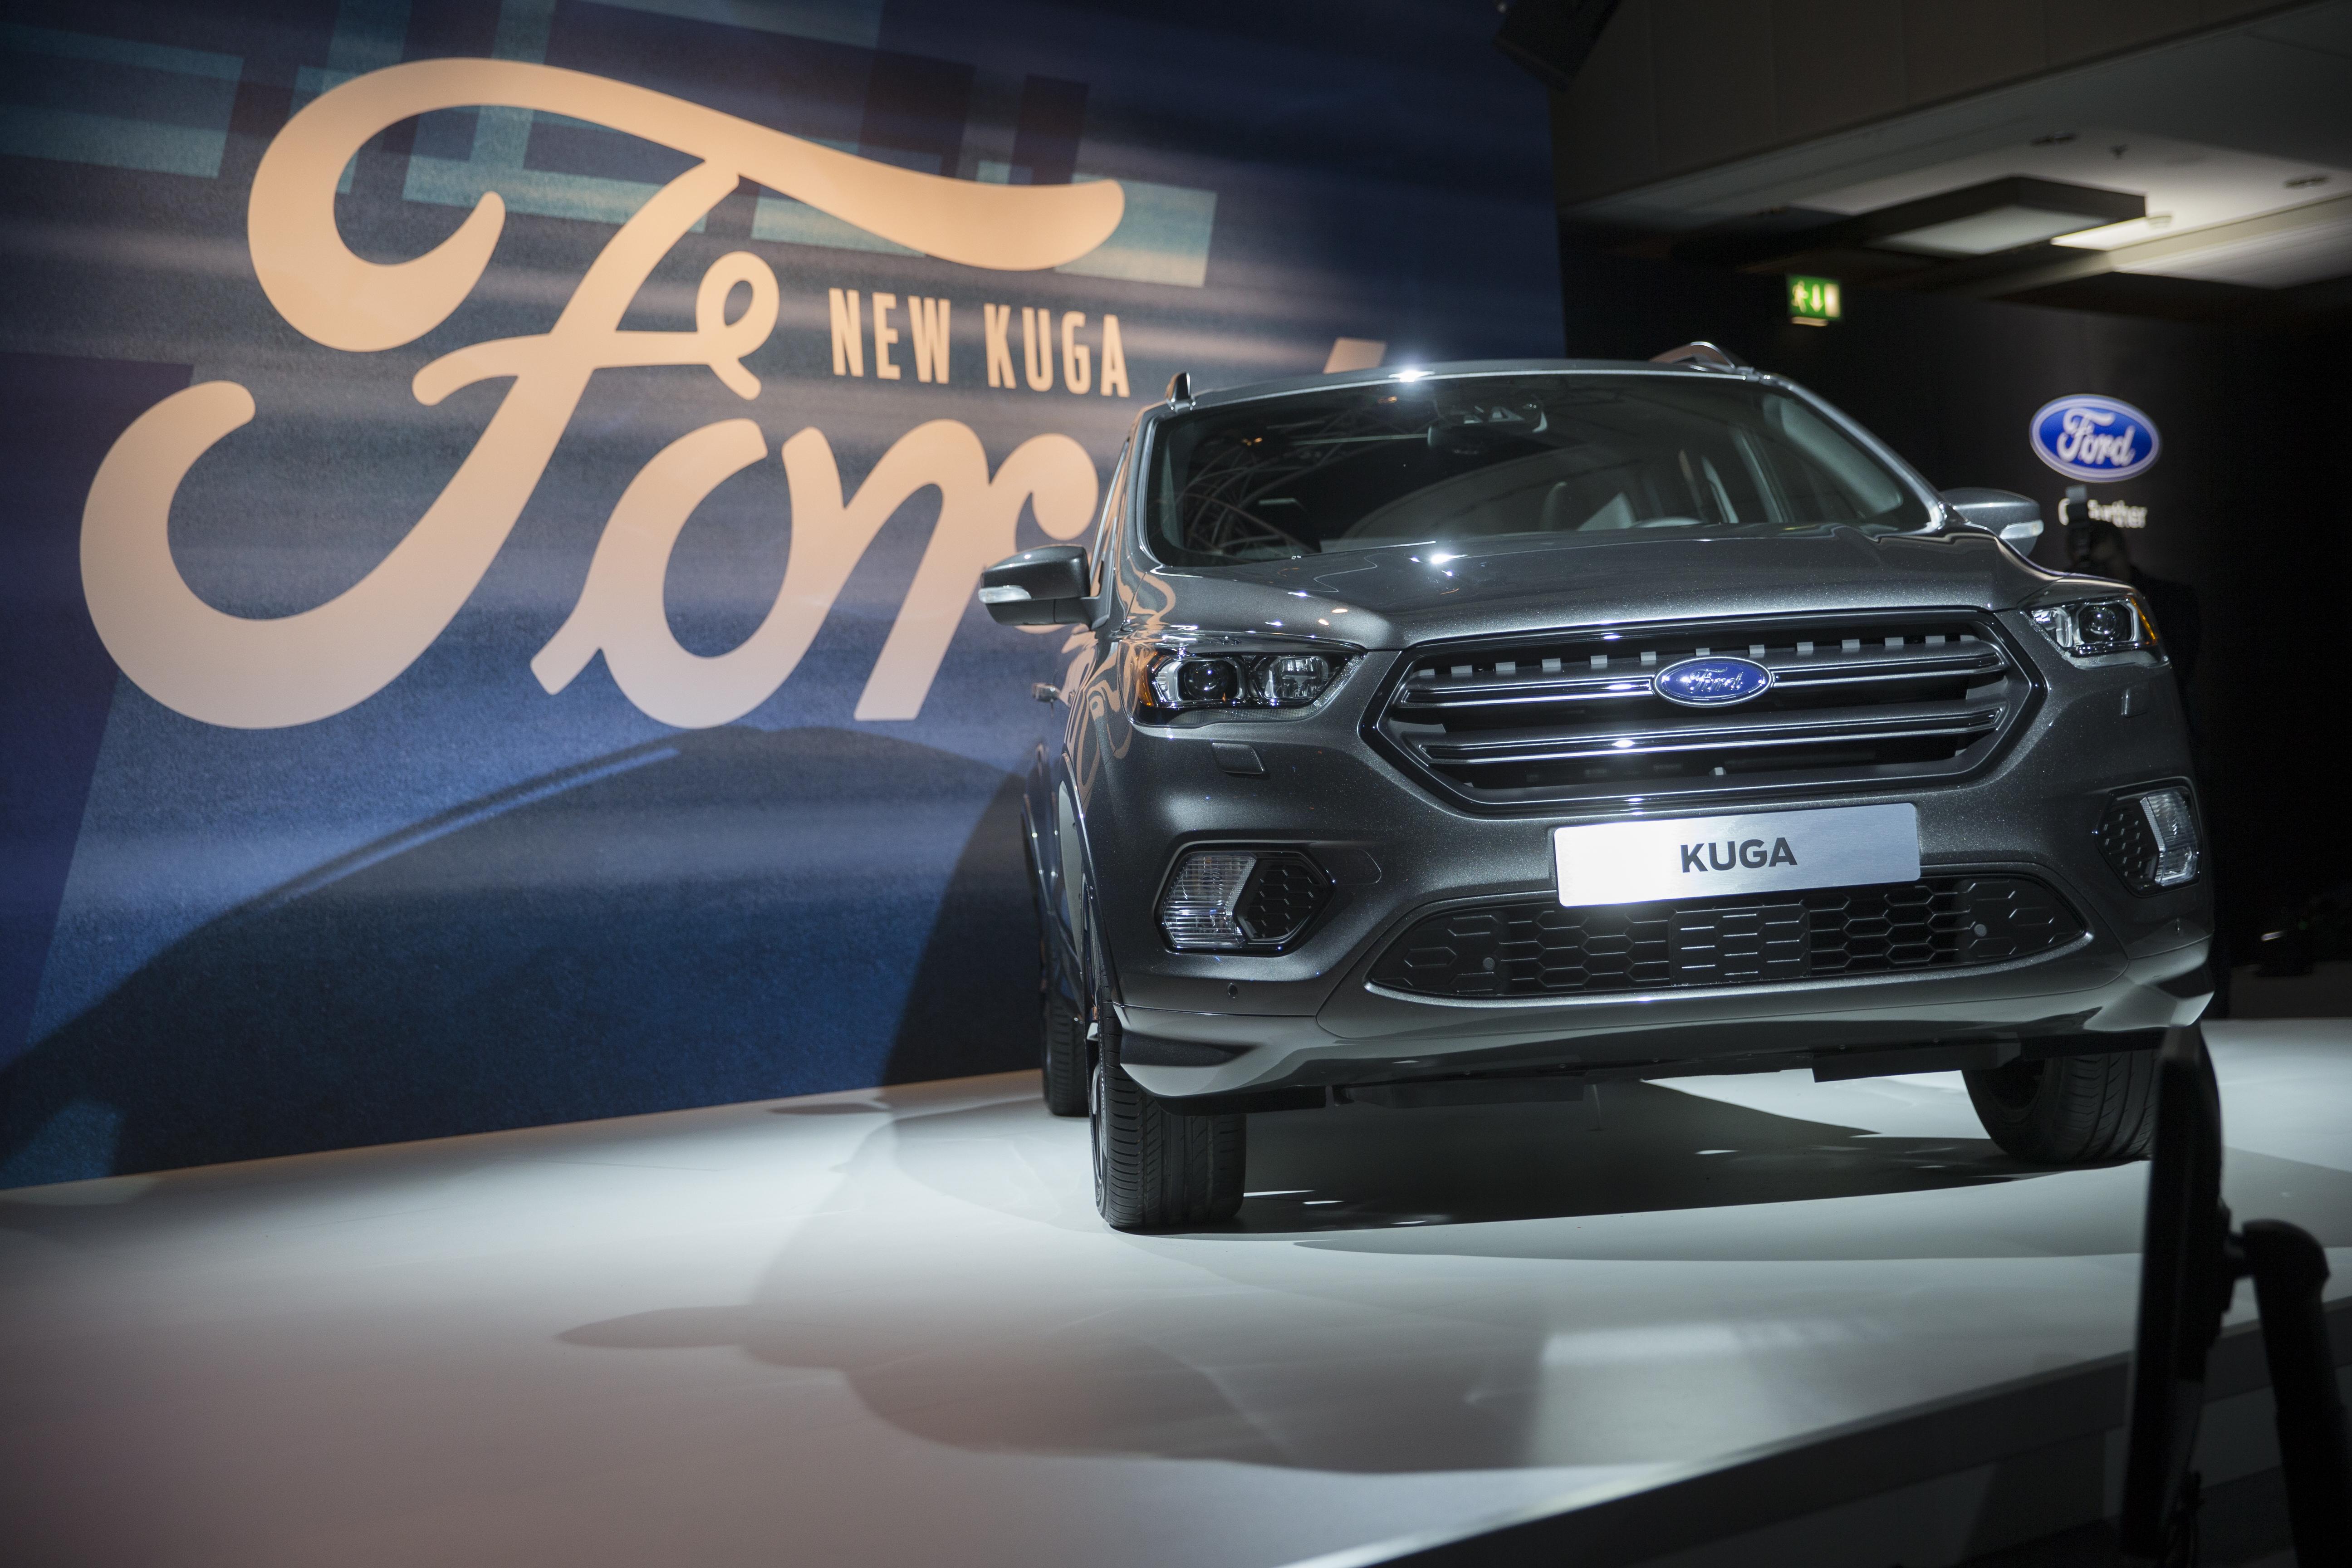 Відвідувачі Женевського автосалону побачили Ford Fiesta ST200 і Kuga - офіційний представник Winner в Україні